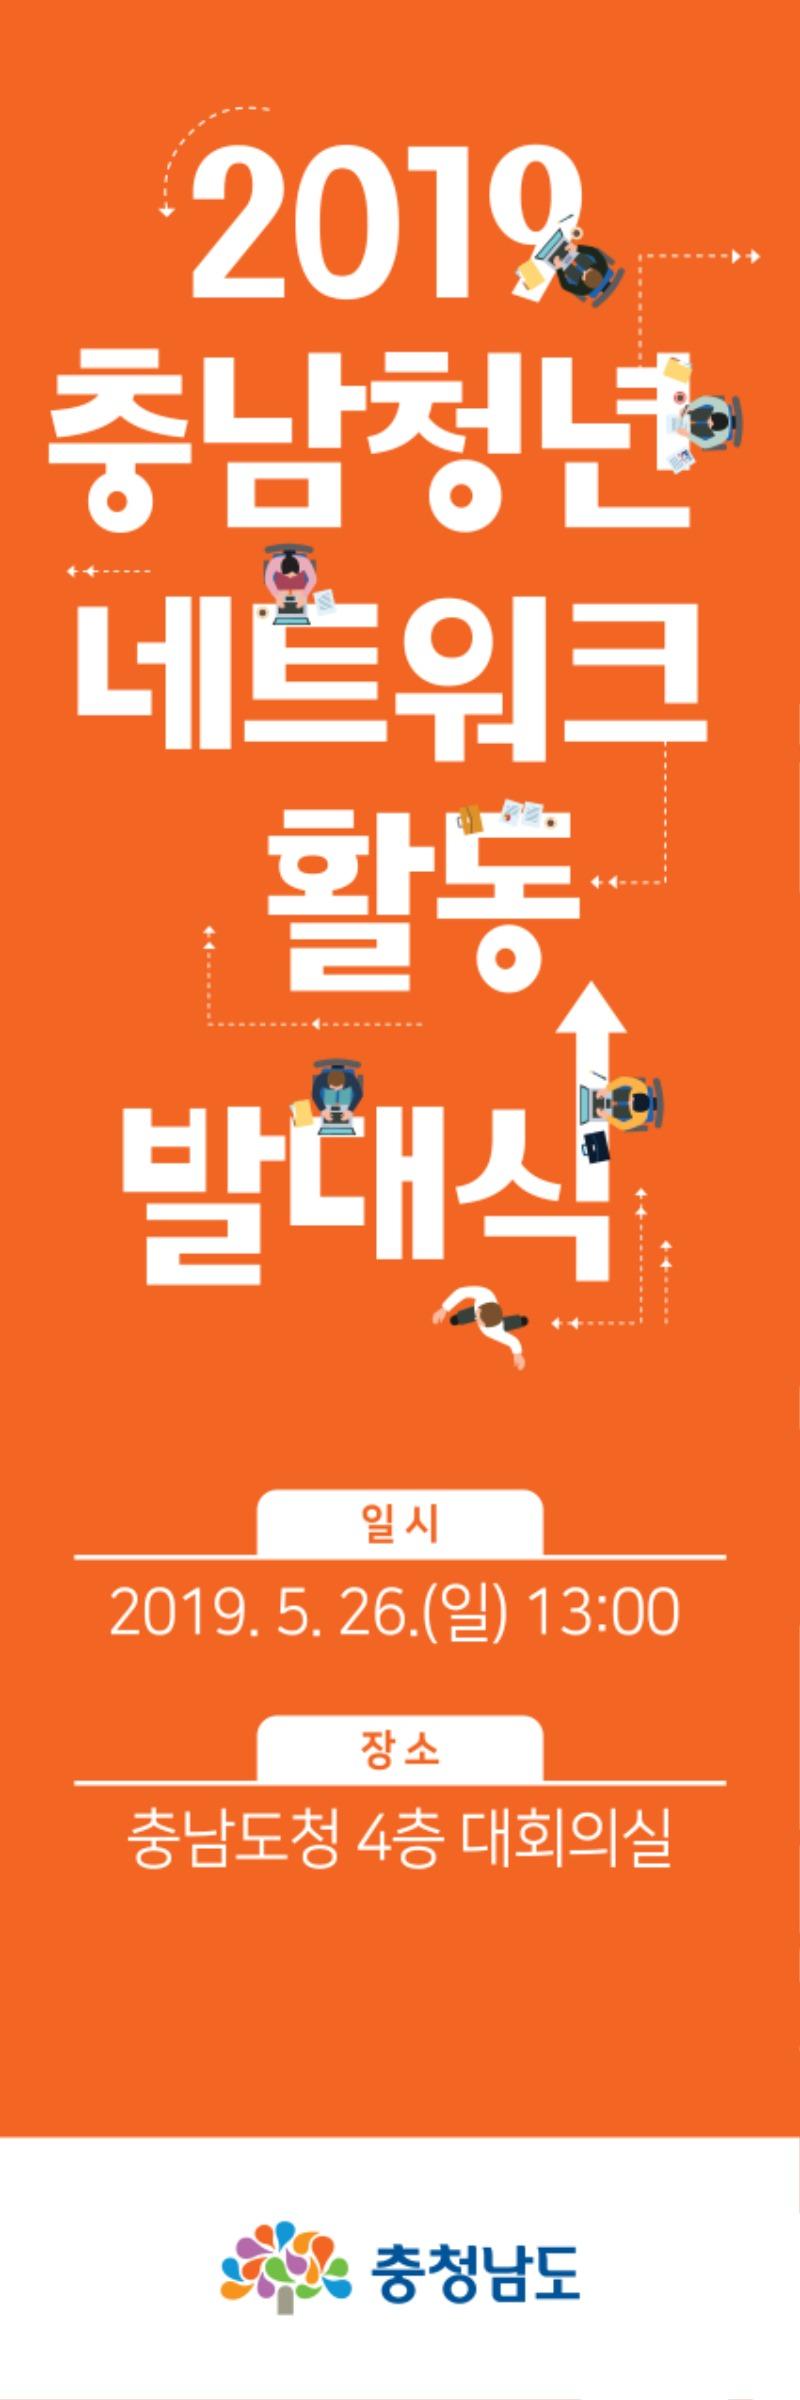 충남문화예술협동조합_청년발대식_배너_최종.jpg